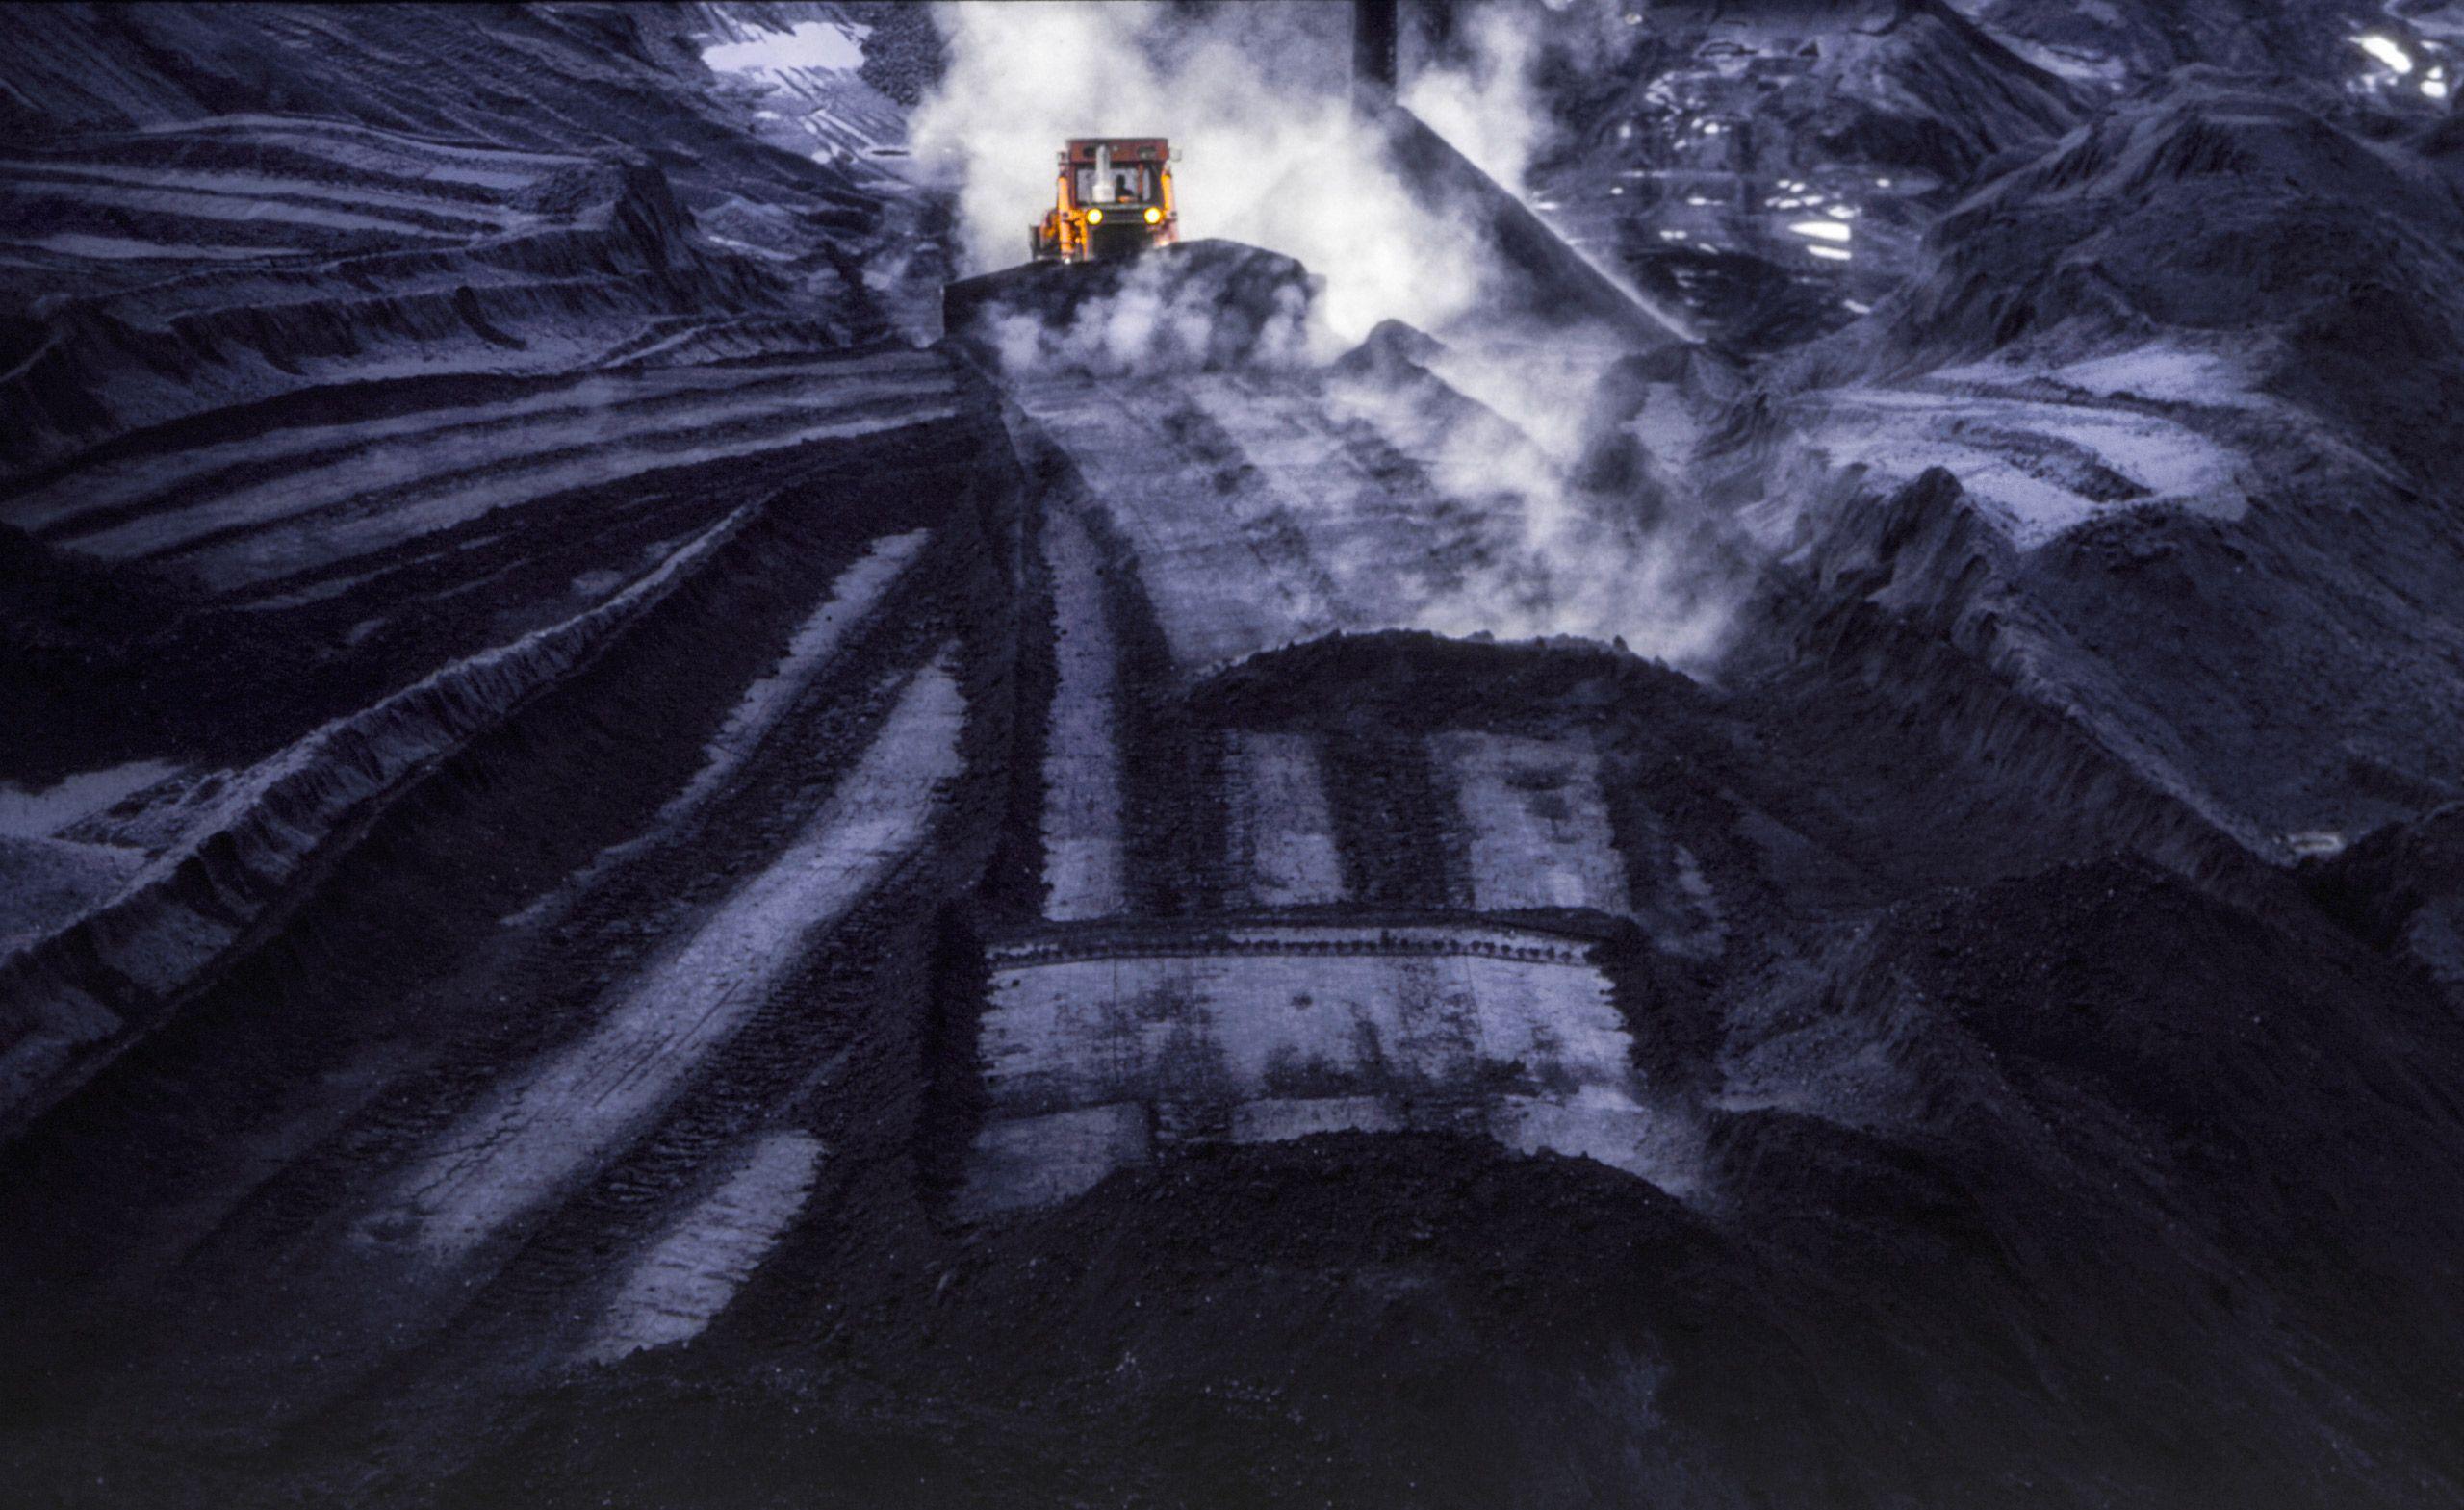 Coal_Pile_0001-Edit-Edit-2.jpg